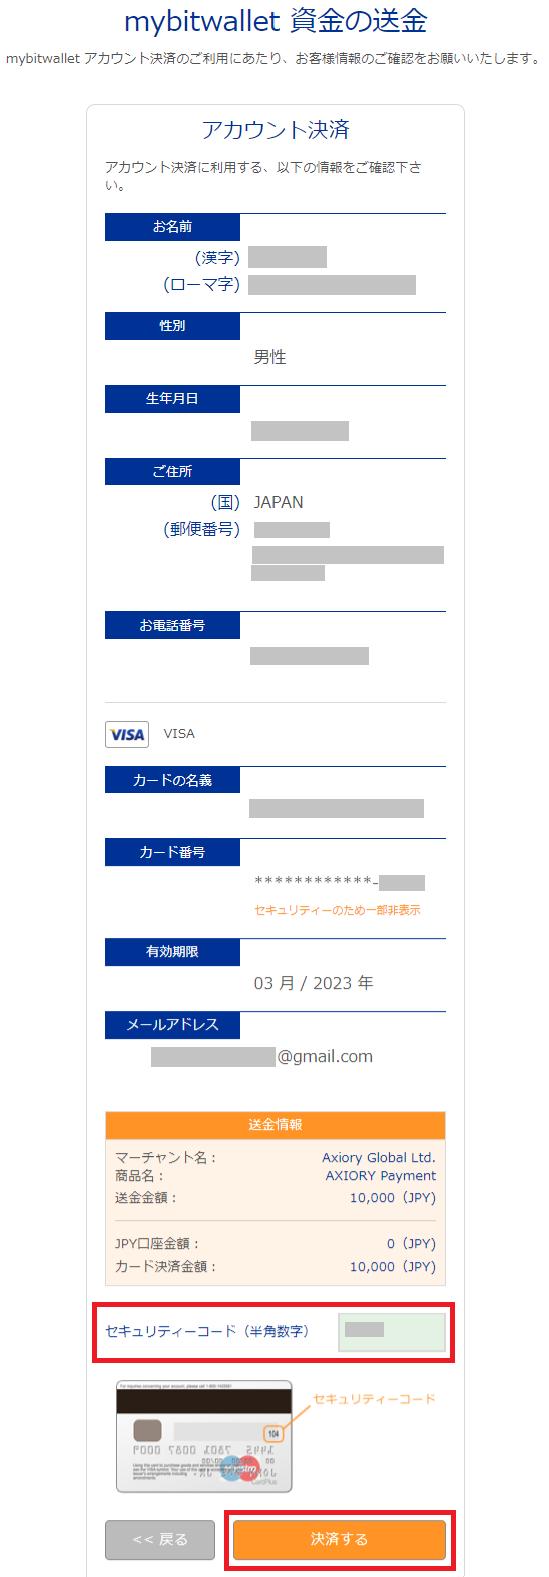 海外FX AXIORY アキシオリー mybitwallet入金 アカウント決済